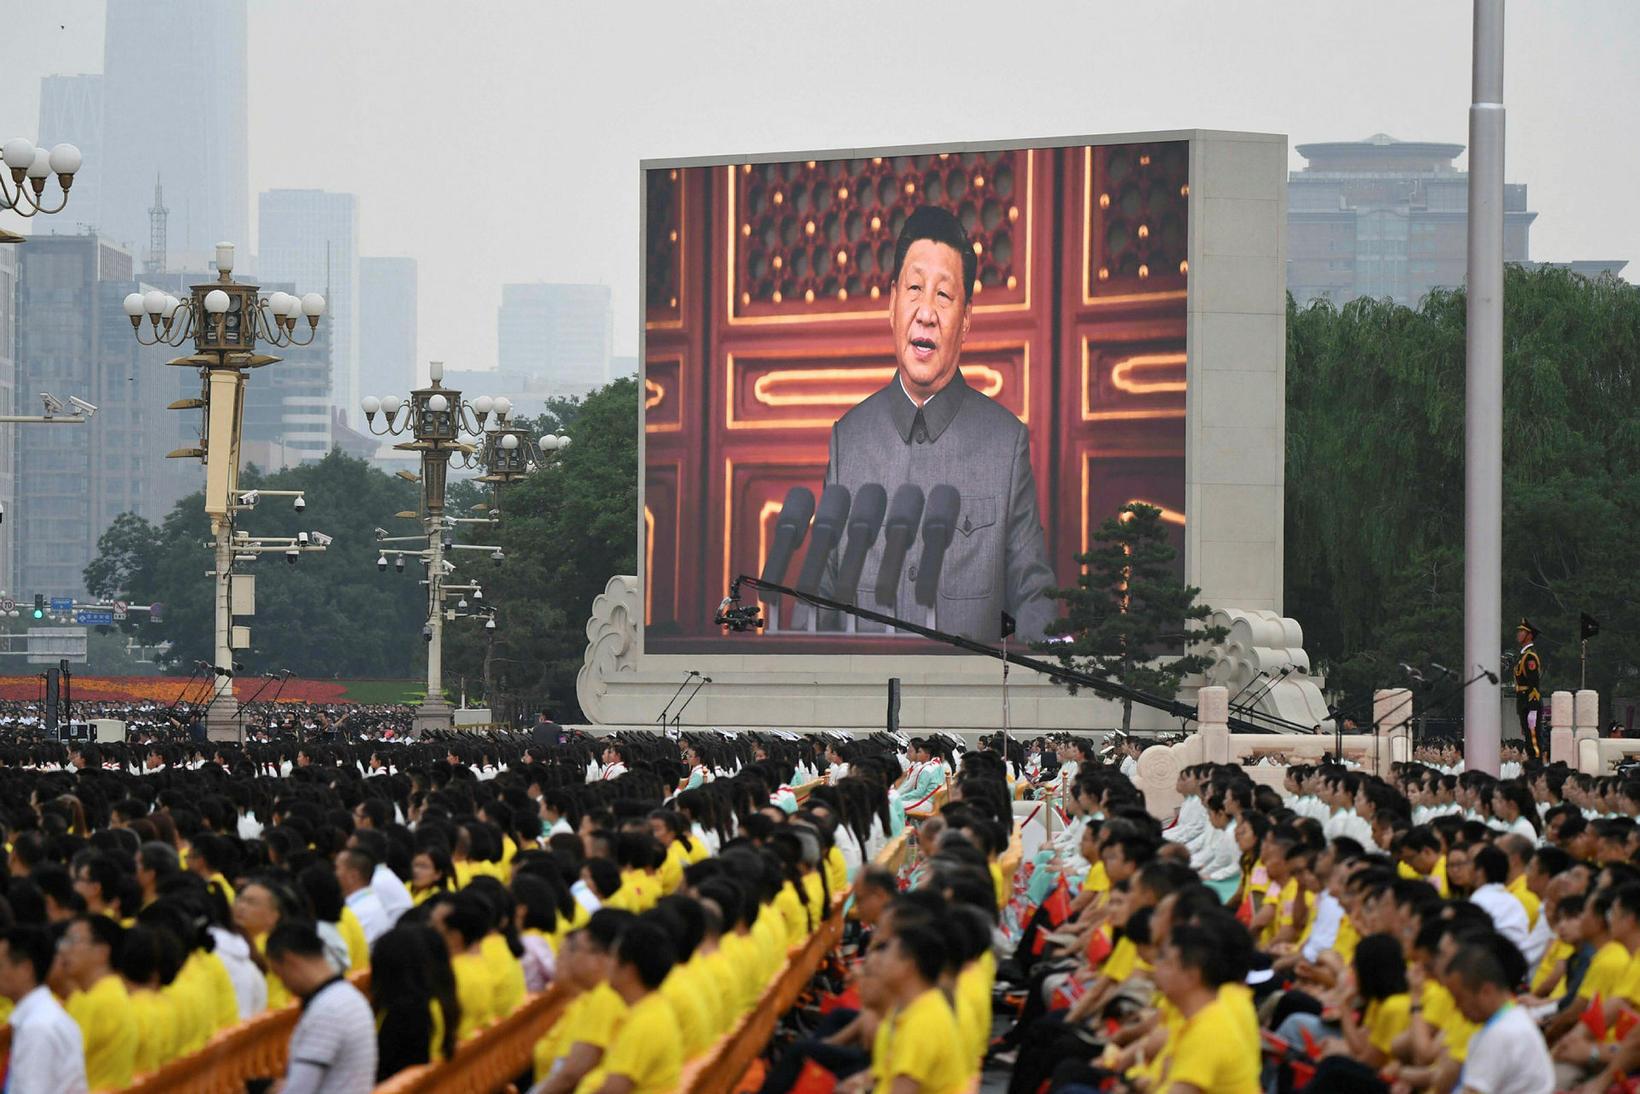 Ræða Xi Jinping var óneitanlega ögrandi.